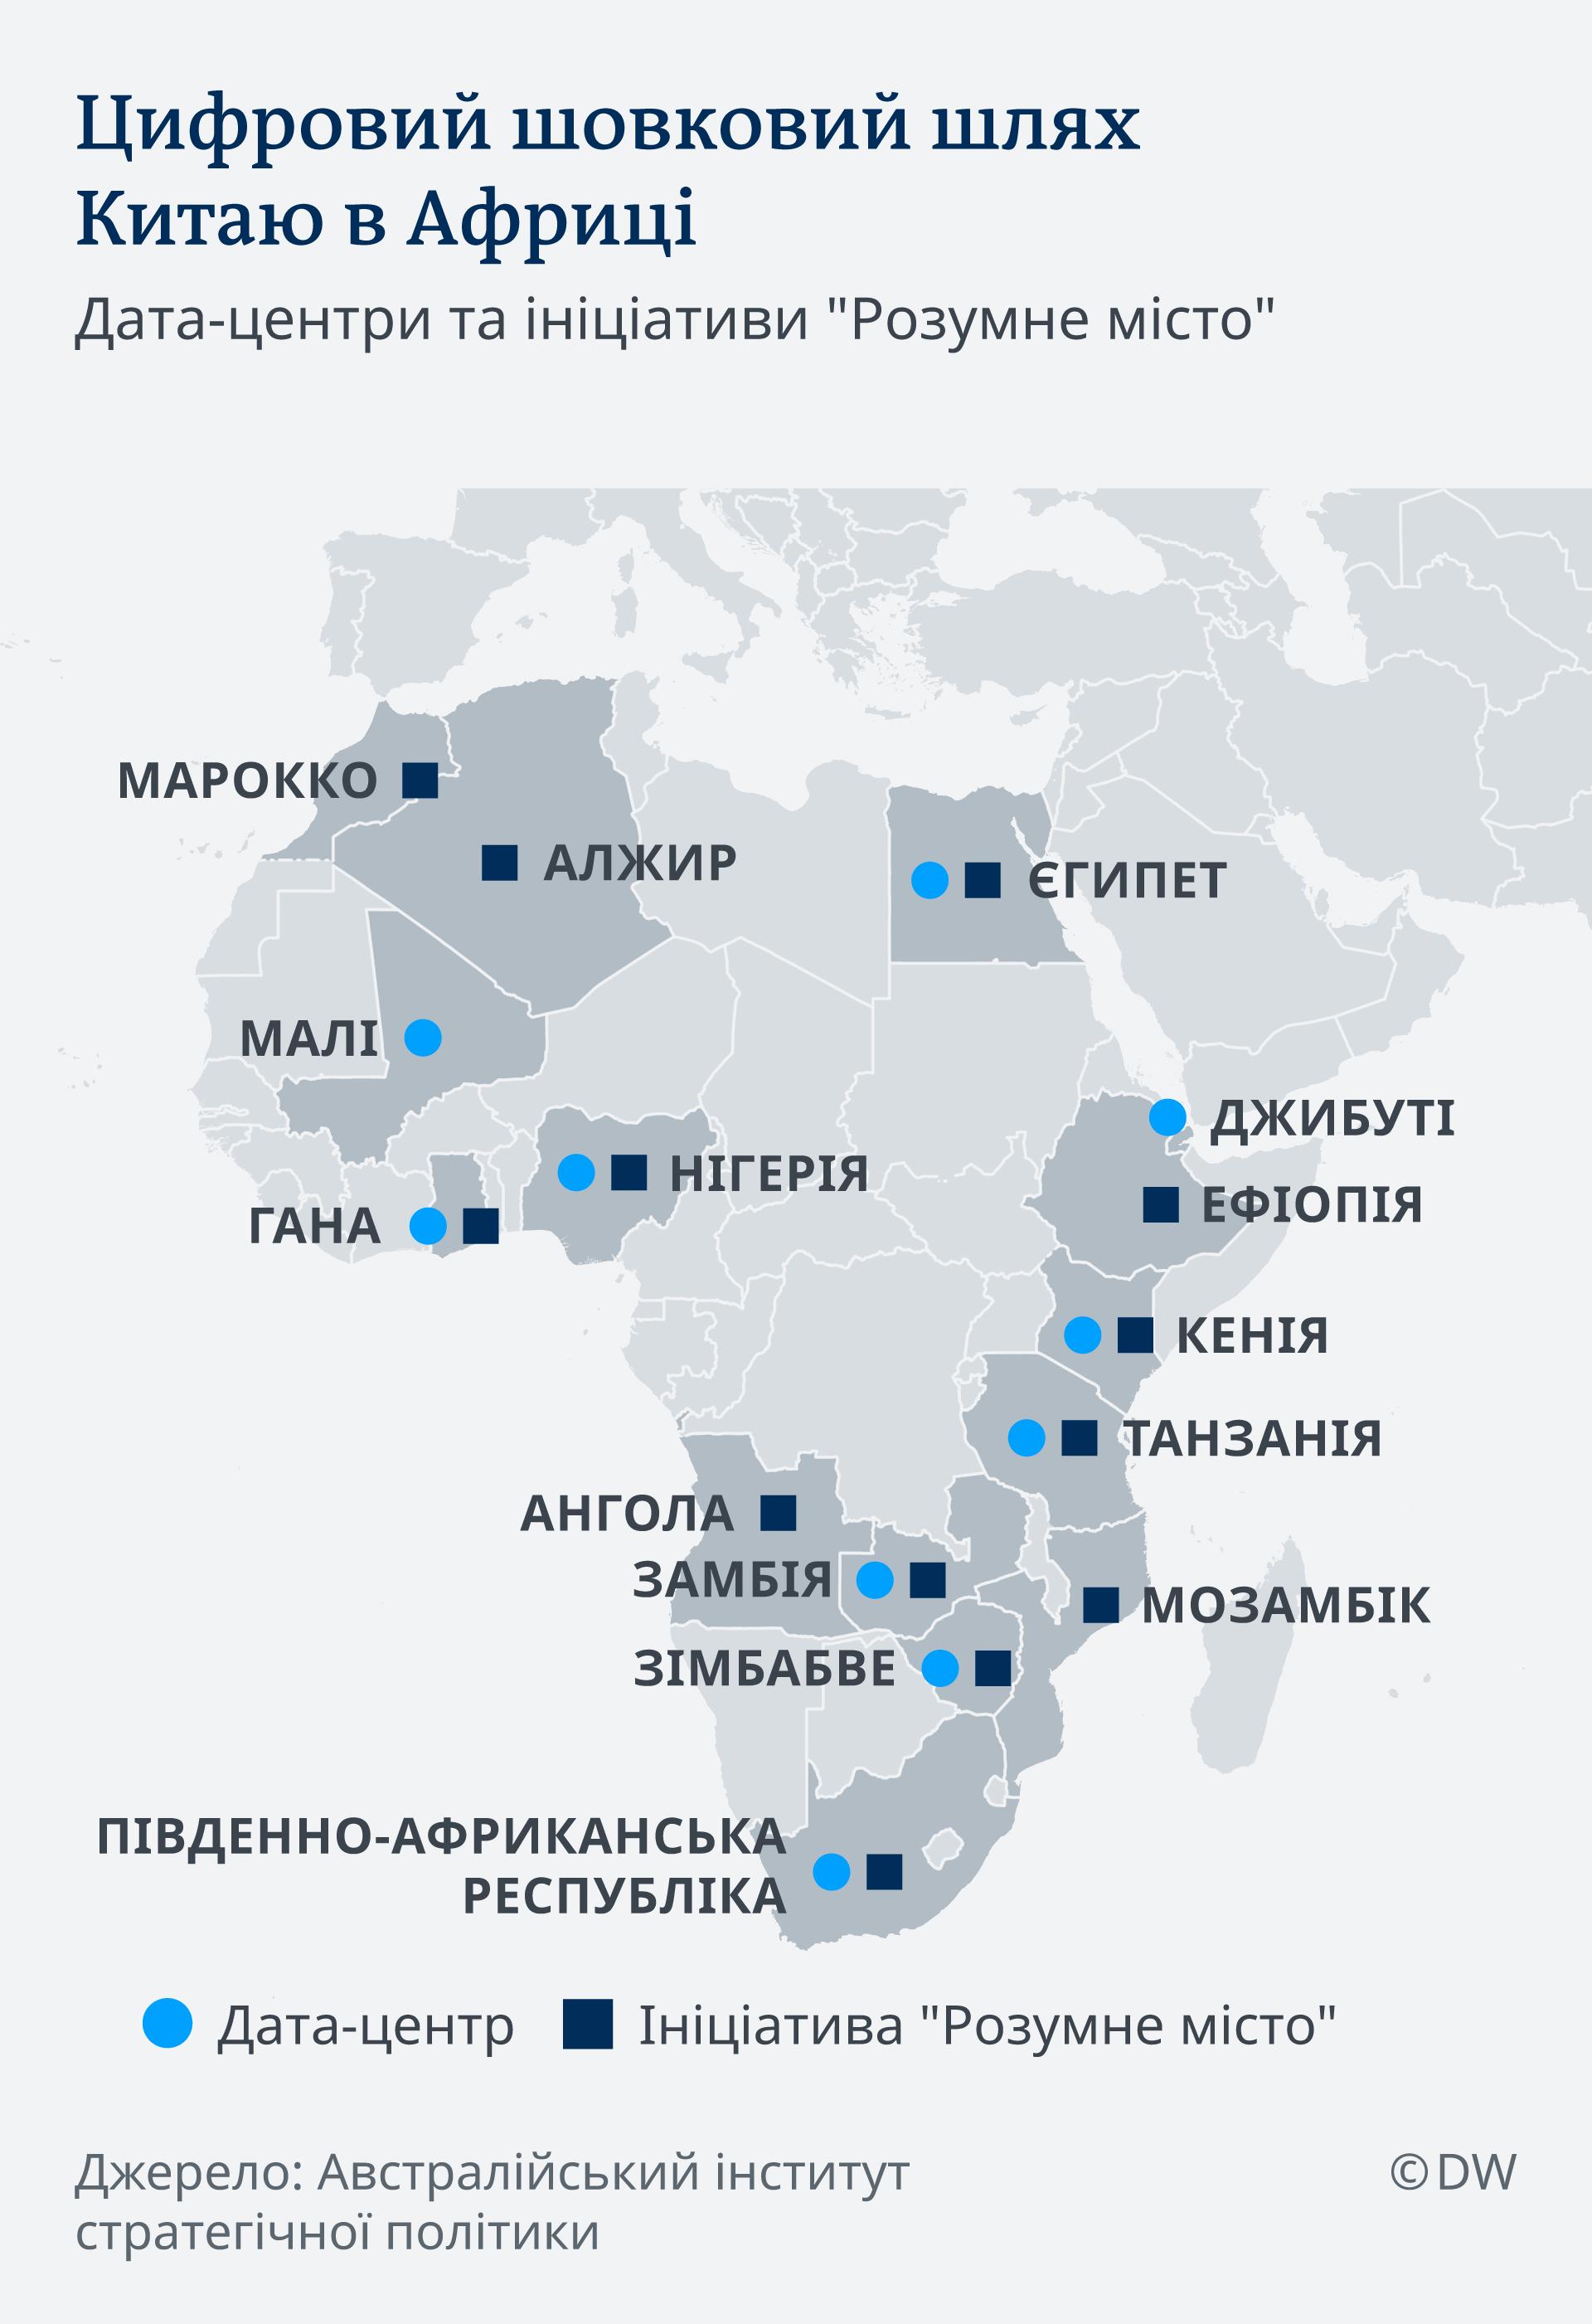 Цифровой шелковый путь Китая в Африке